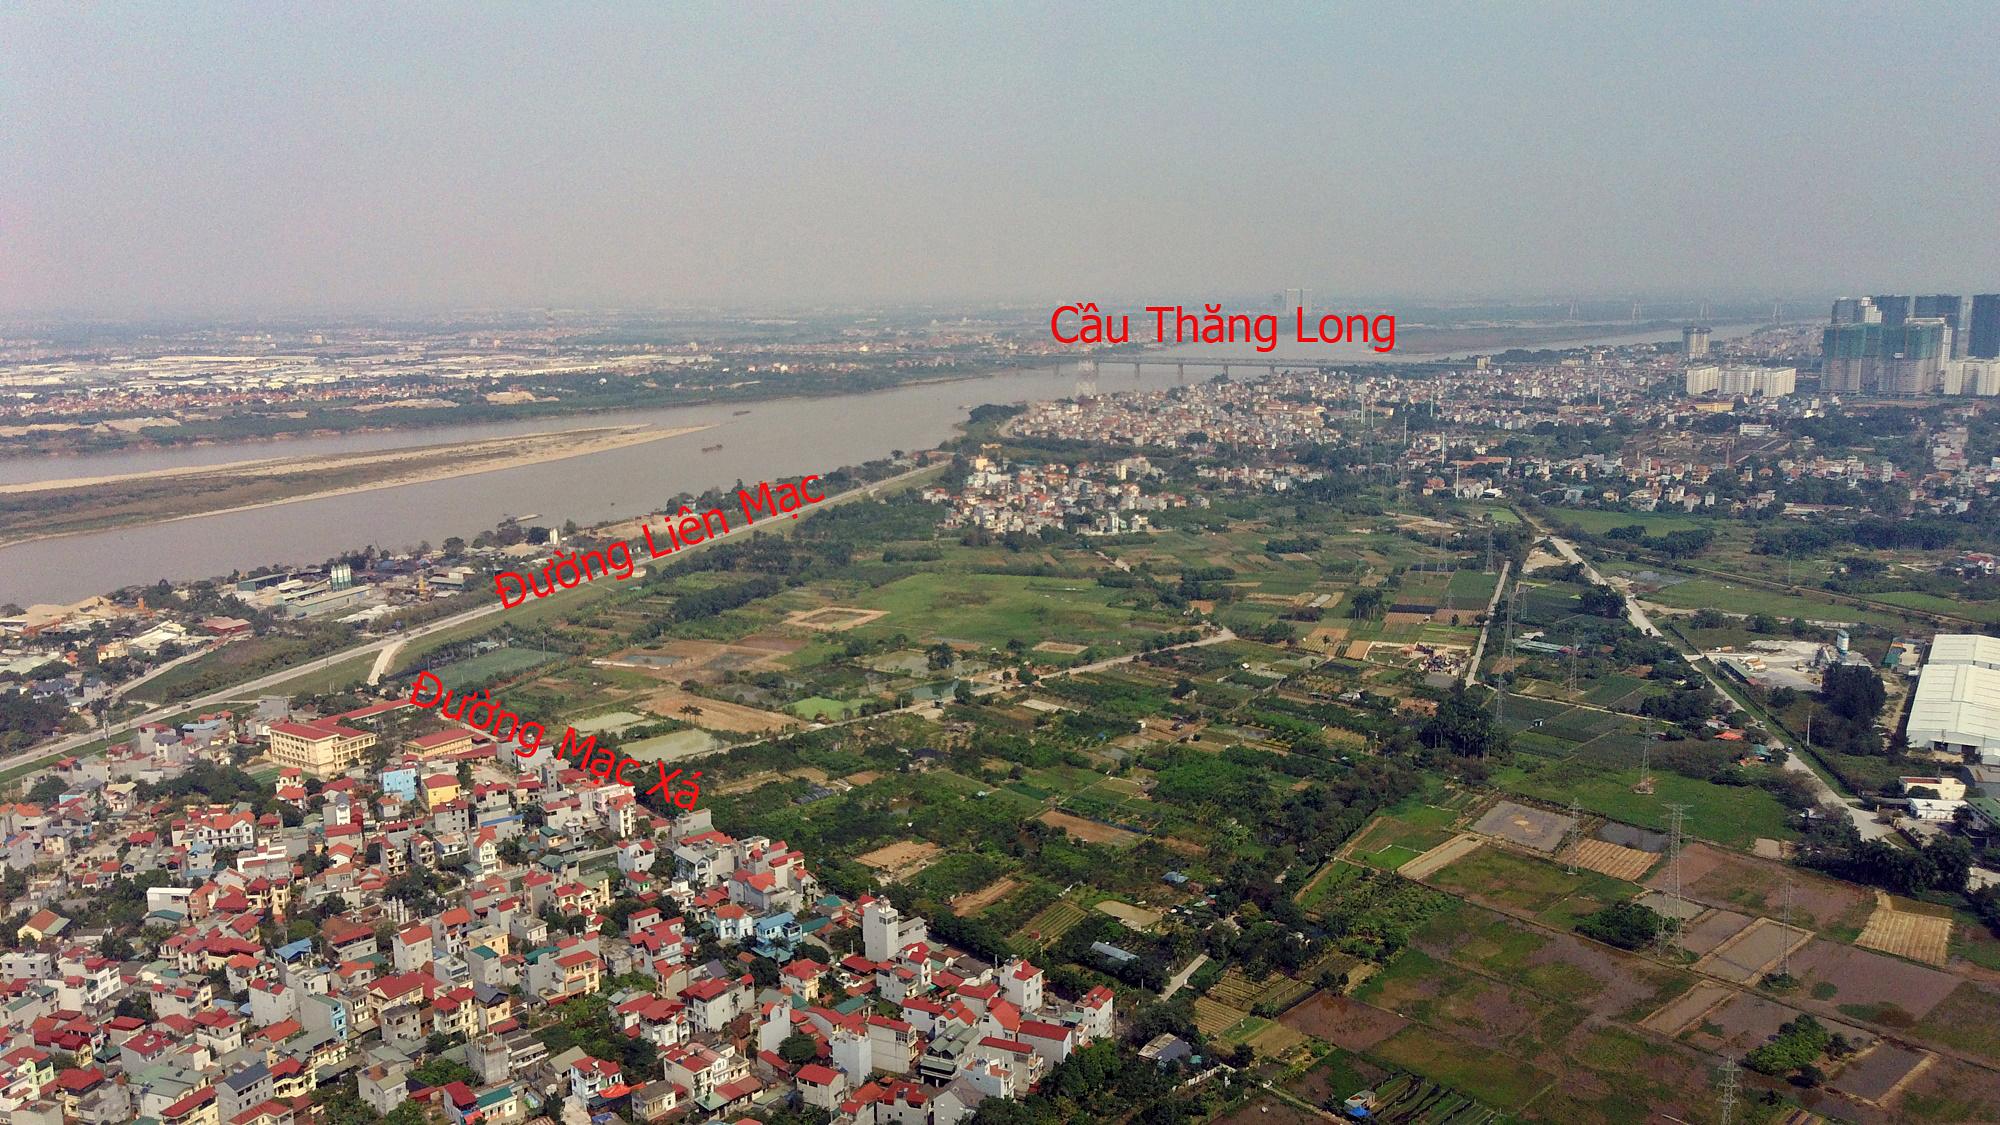 Những dự án chung cư gần các khu đất sẽ đào hồ lớn ở quận Bắc Từ Liêm - Ảnh 2.